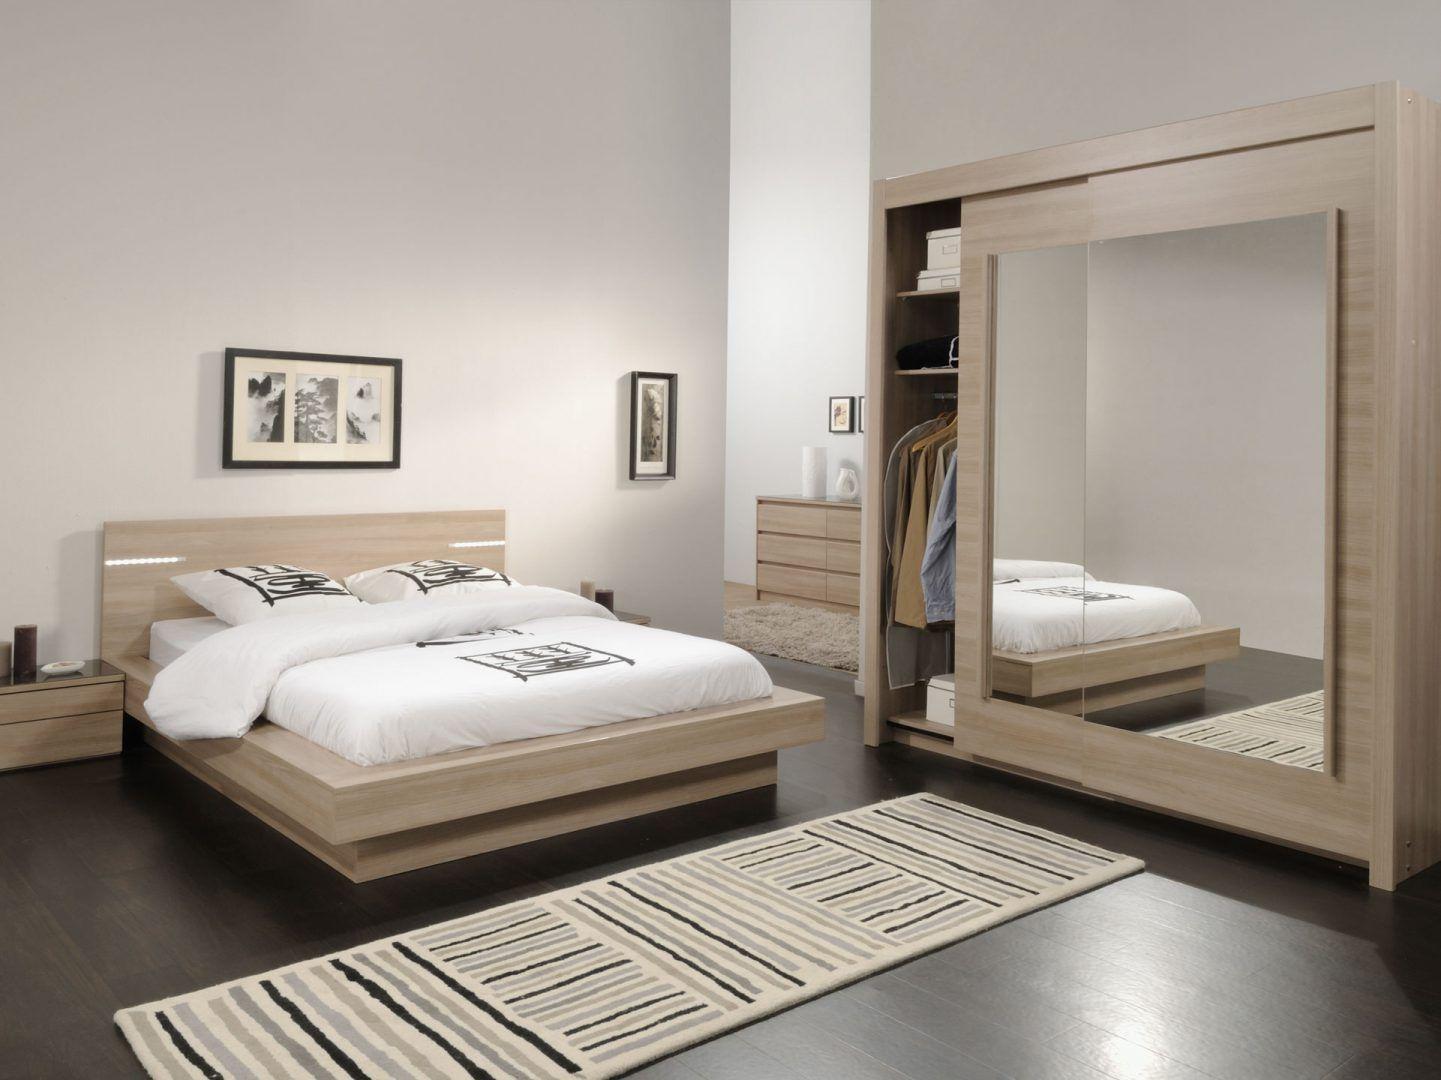 Dormitorio Espejos Decoraci N Feng Shui En 2018